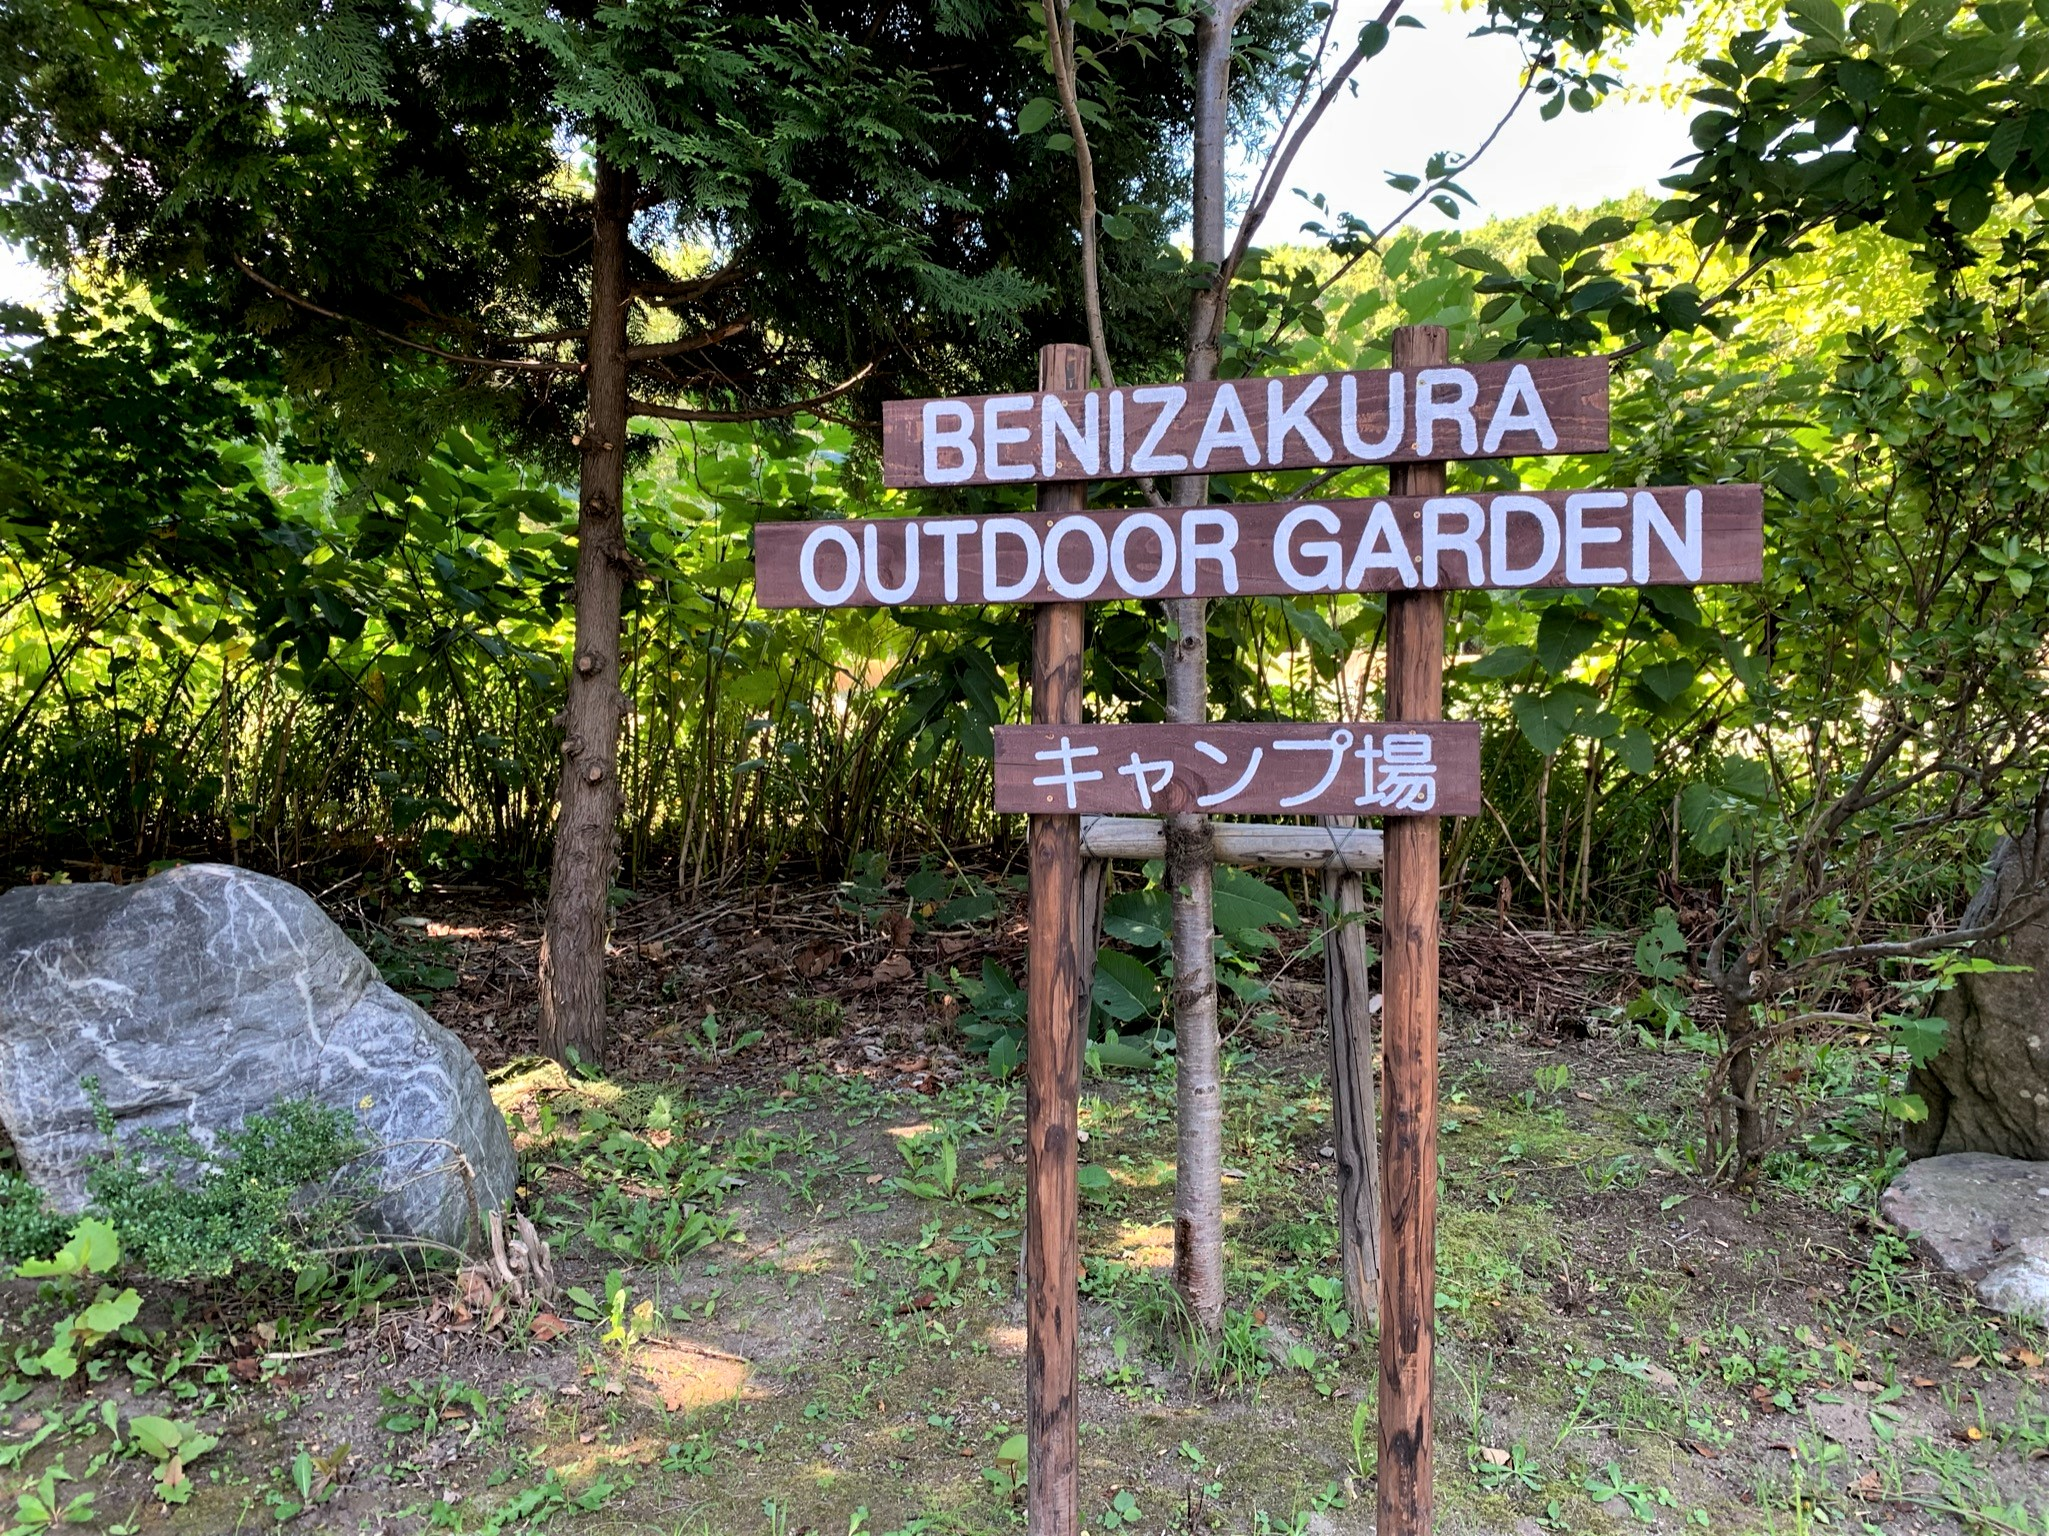 キャンプ場にカフェ、蕎麦屋まで!さらに蒸溜所もある紅櫻公園